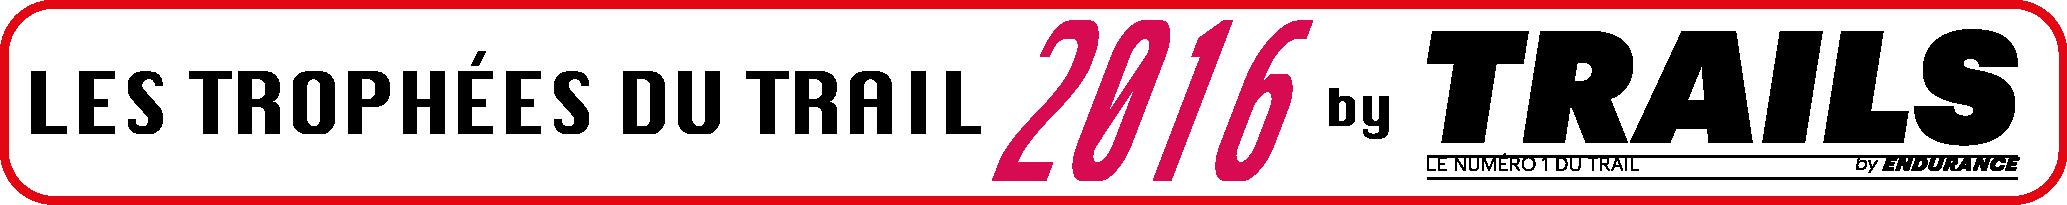 LES TROPHEES DU TRAIL 2016